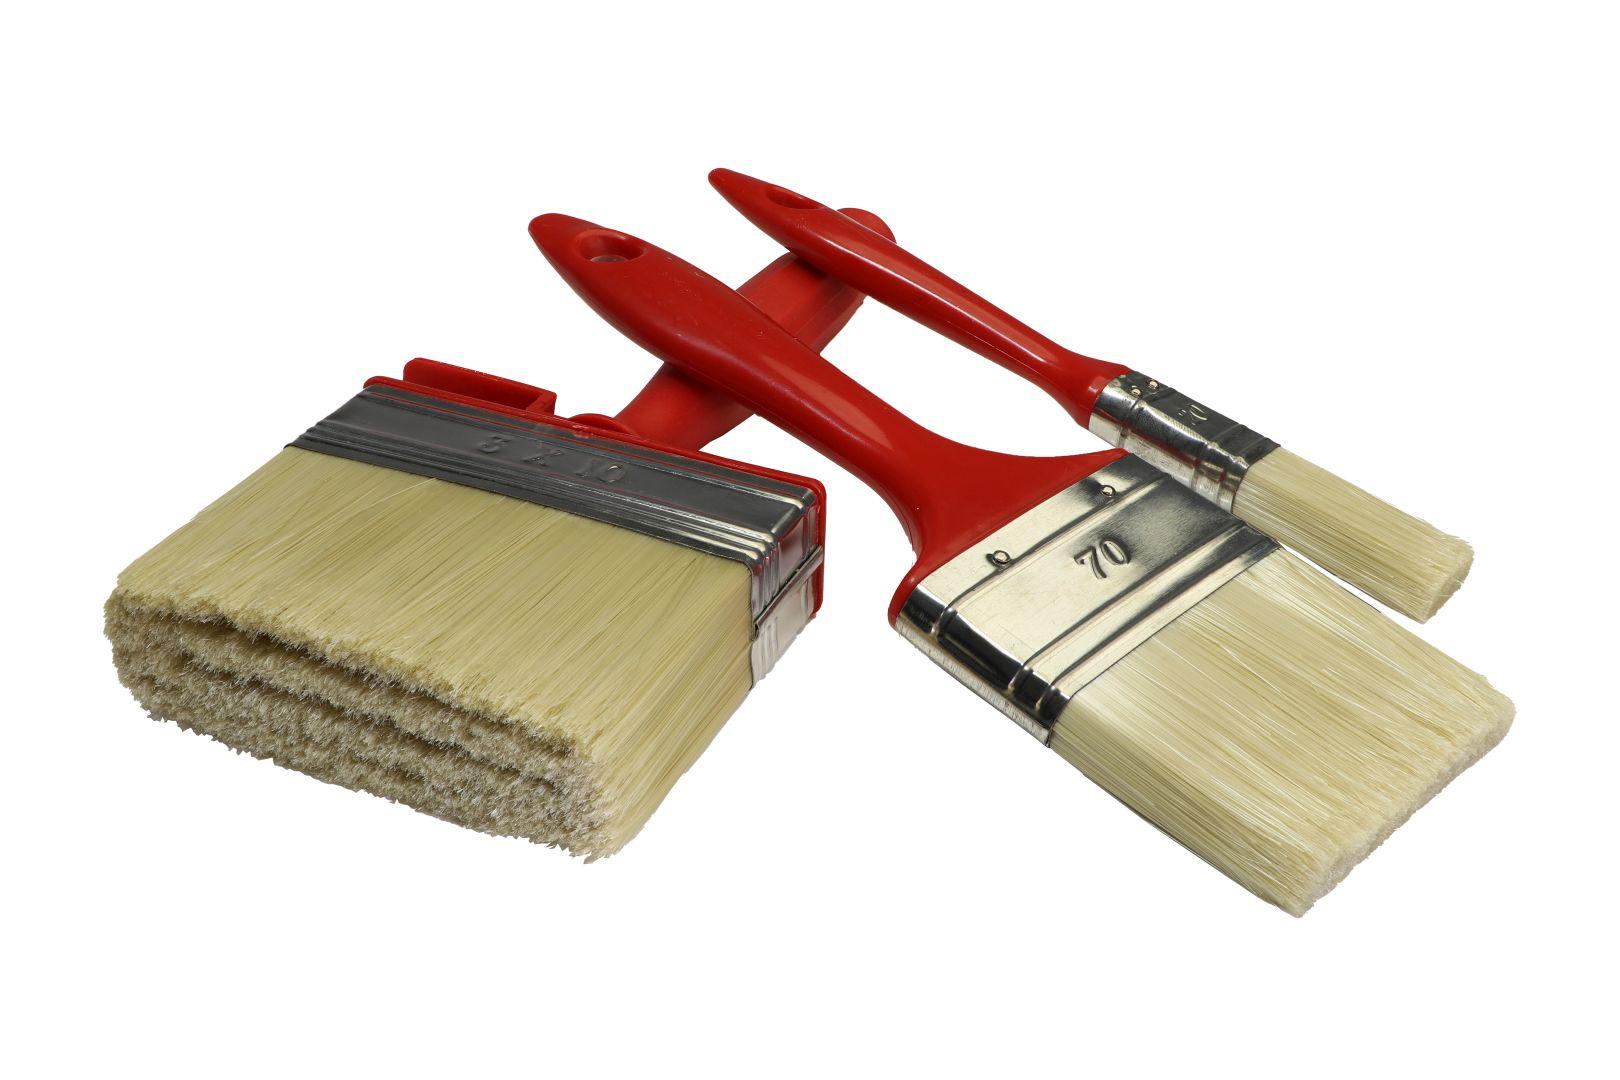 GO/ON Lasurenpinsel Set IP, für Lasur und Lackierung von Holz, 1 x 20 mm, 1 x 70 mm, 1 x 100 mm, 3-teilig